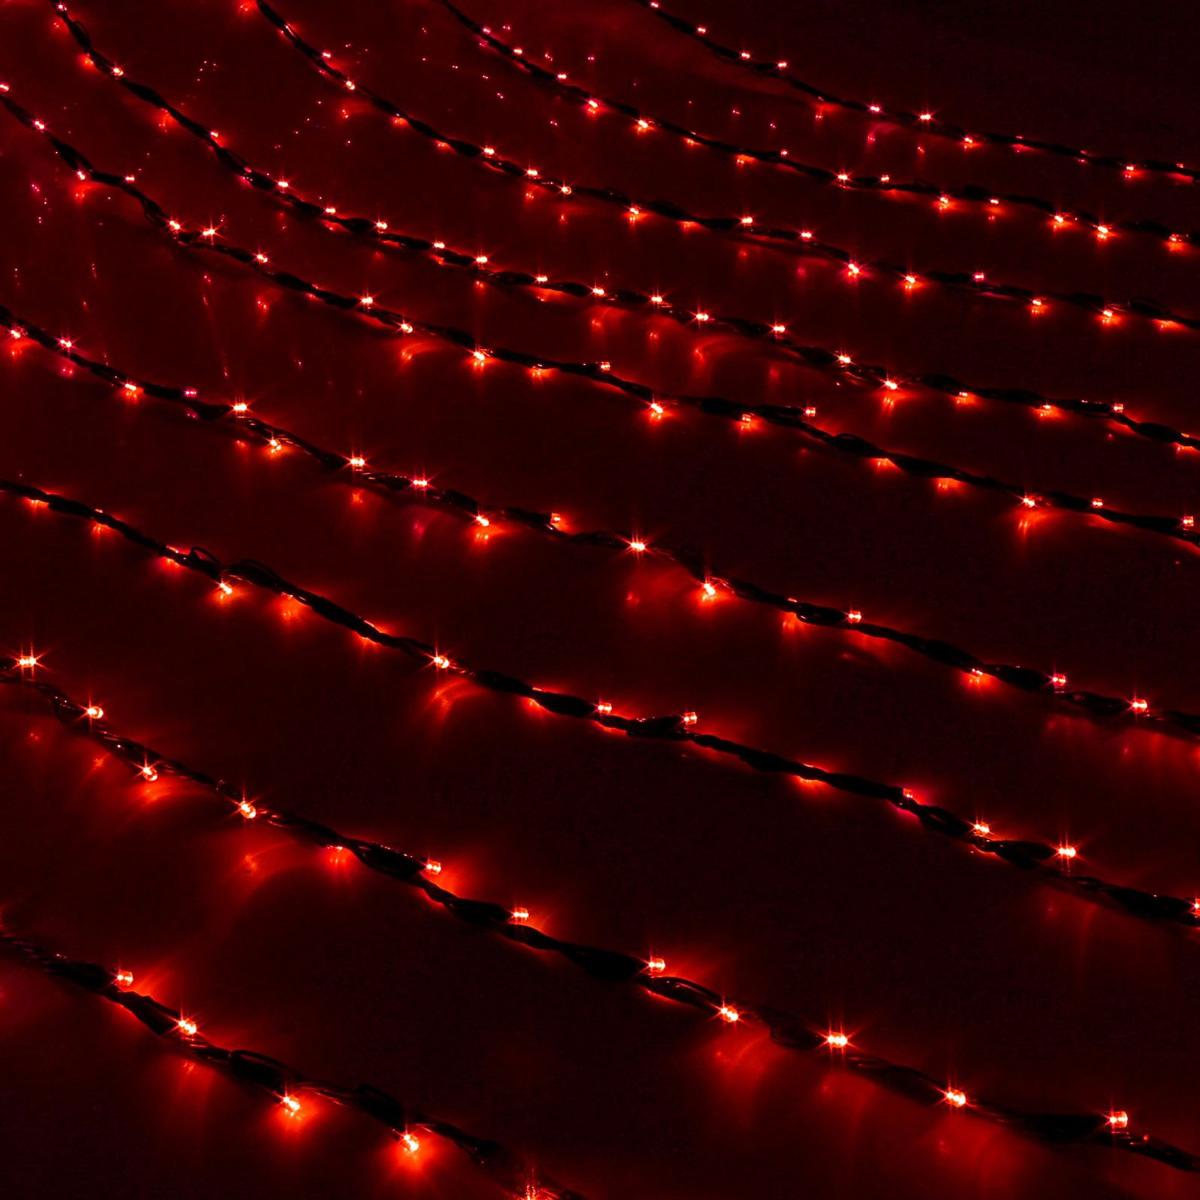 Гирлянда светодиодная Luazon Дождь, уличная, 8 режимов, 800 ламп, 220 V, цвет: красный, 2 х 3 м. 187304187304Светодиодные гирлянды, ленты и т.д — это отличный вариант для новогоднего оформления интерьера или фасада. С их помощью помещение любого размера можно превратить в праздничный зал, а внешние элементы зданий, украшенные ими, мгновенно станут напоминать очертания сказочного дворца. Такие украшения создают ауру предвкушения чуда. Деревья, фасады, витрины, окна и арки будто специально созданы, чтобы вы украсили их светящимися нитями.